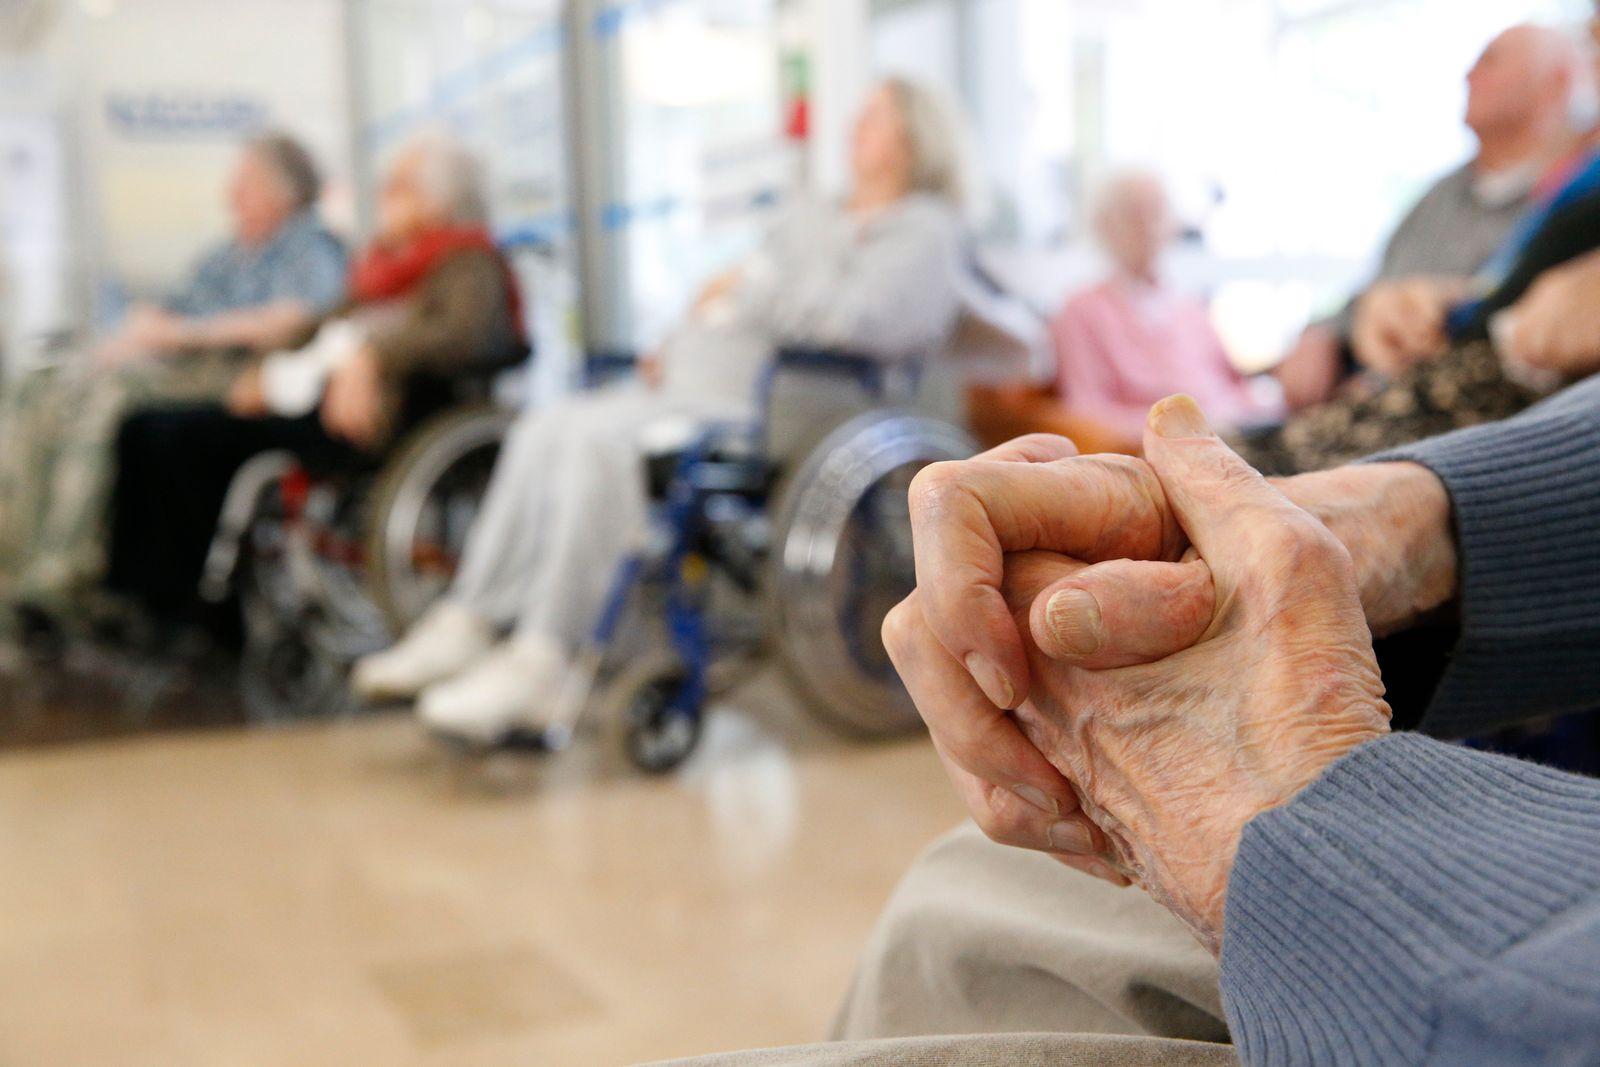 NICHT MEHR VERWENDEN! - Alzheimer / Patienten